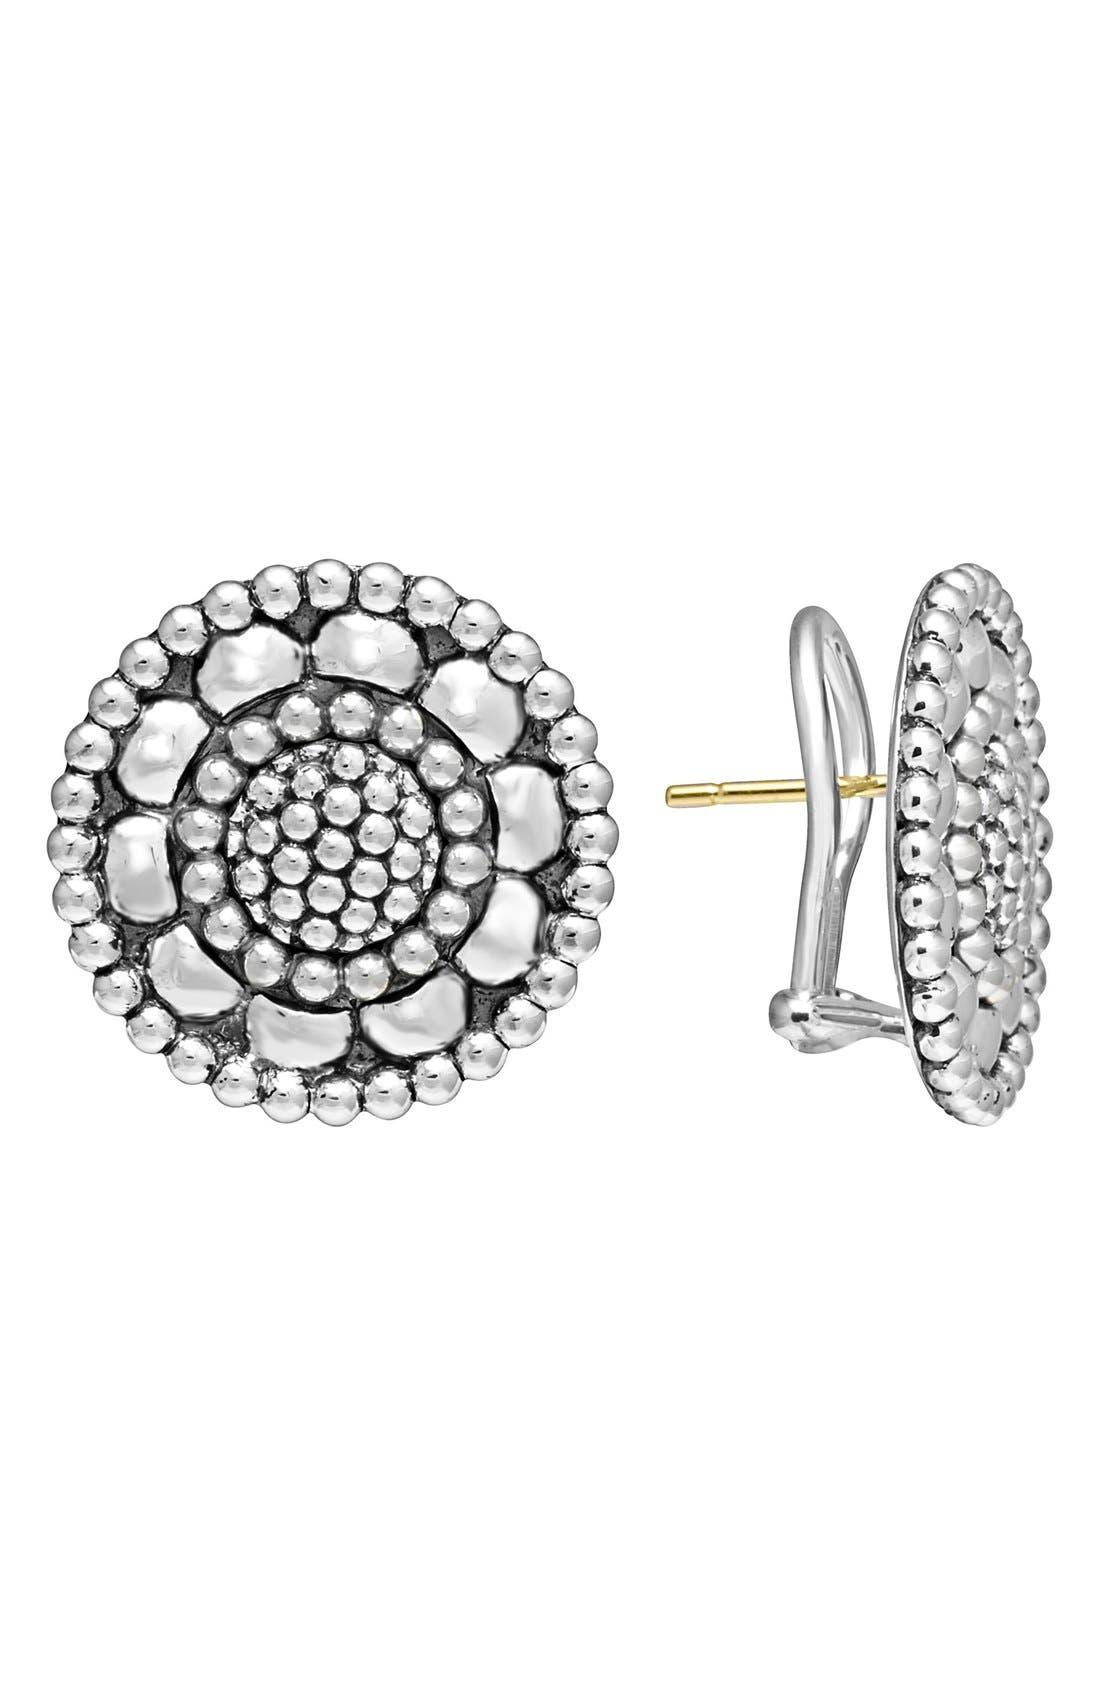 Alternate Image 1 Selected - LAGOS 'Voyage' Caviar Stud Earrings